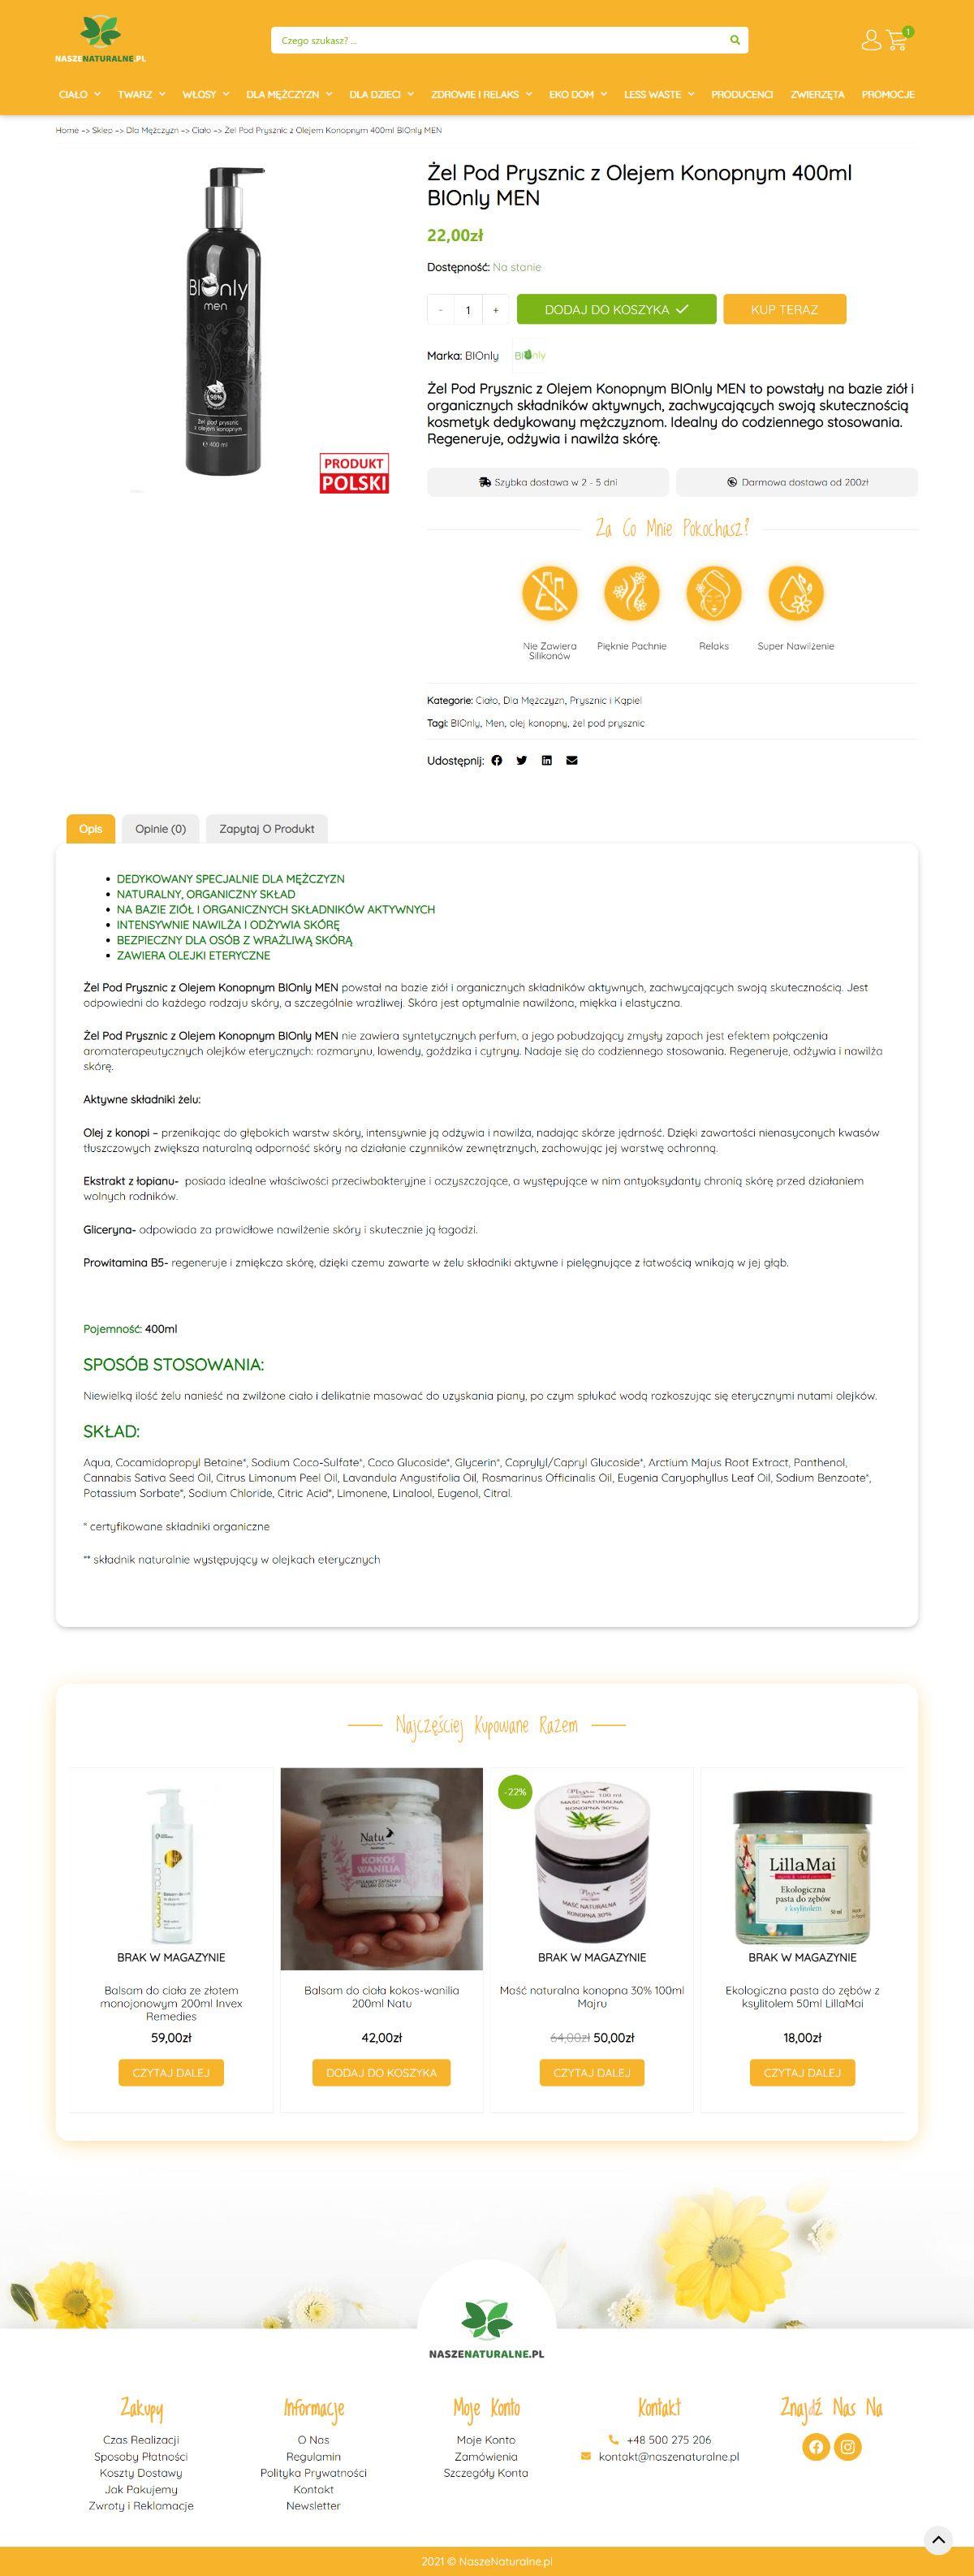 Tworzenie Sklepu Internetowego Wordpress. Sprzedaż Kosmetyki Naturalnej Tworzenie Sklepu Internetowego Wordpress,Tworzenie Sklepu Internetowego,Tworzenie Sklepu Internetowego Woocommerce,Tworzenie Sklepu Internetowego Warszawa Tworzenie Sklepu Internetowego Wordpress Sprzedaz Kosmetyki Naturalnej Webpanda Webpanda